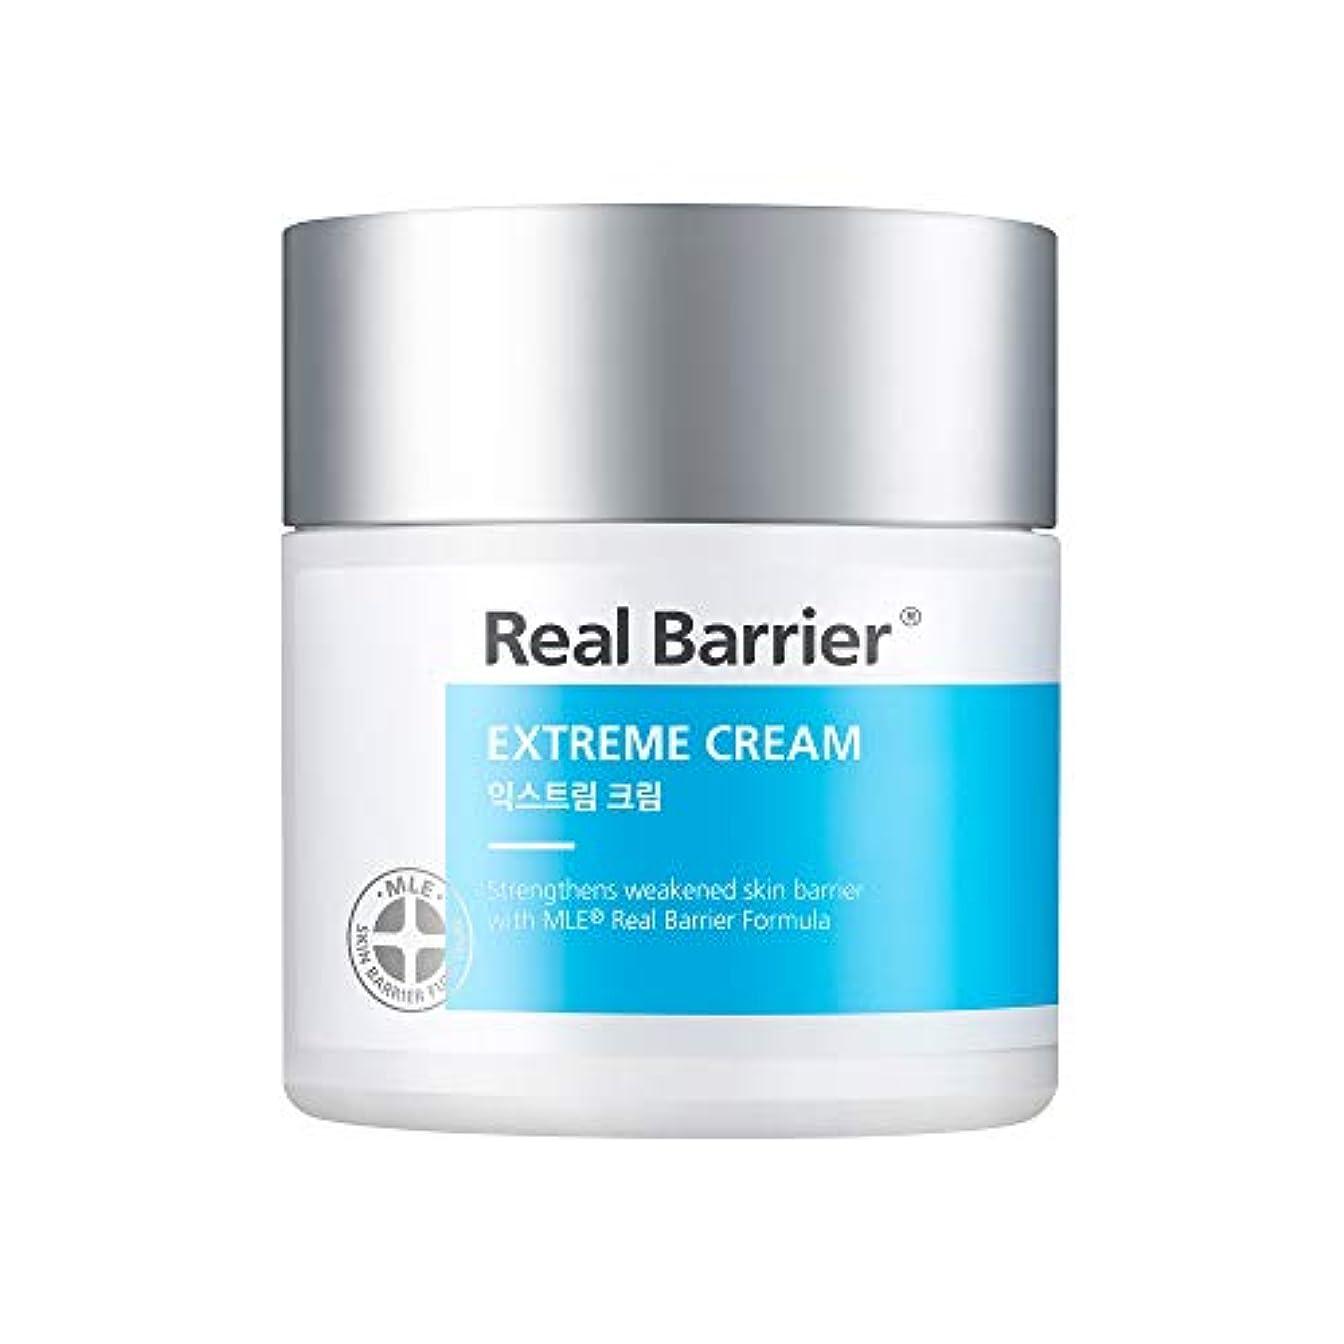 として気難しいプレミアアトパーム(atopalm) リアルベリアエクストリームクリーム/Atopam Real Barrier Extreme Cream